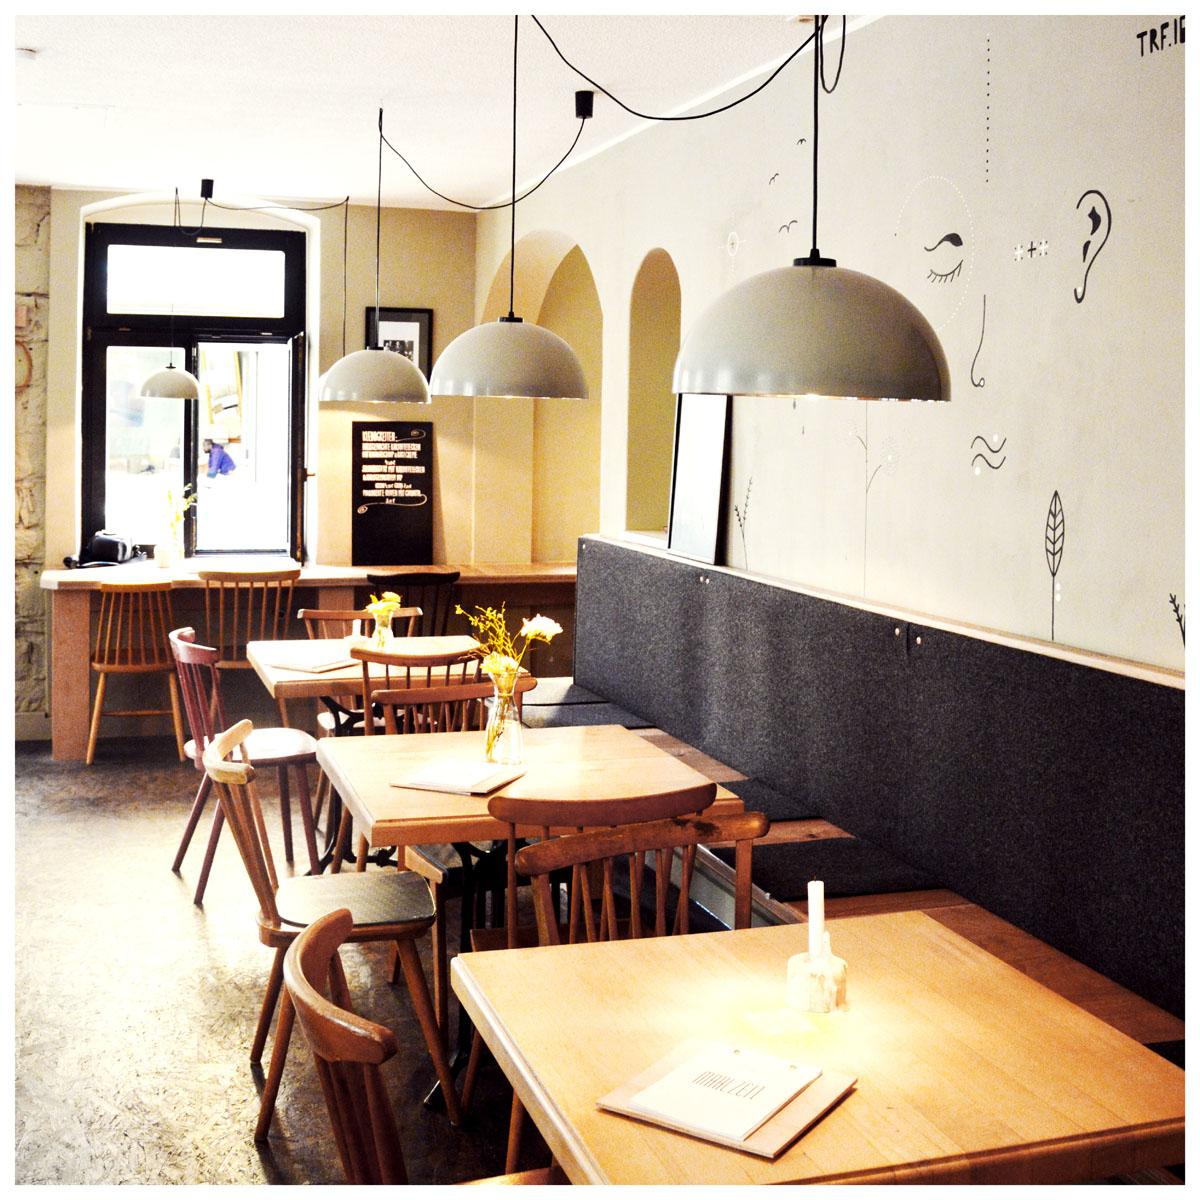 Nachhaltiges Interior - + Produktdesign für das vegane Restaurant Steffenhagen